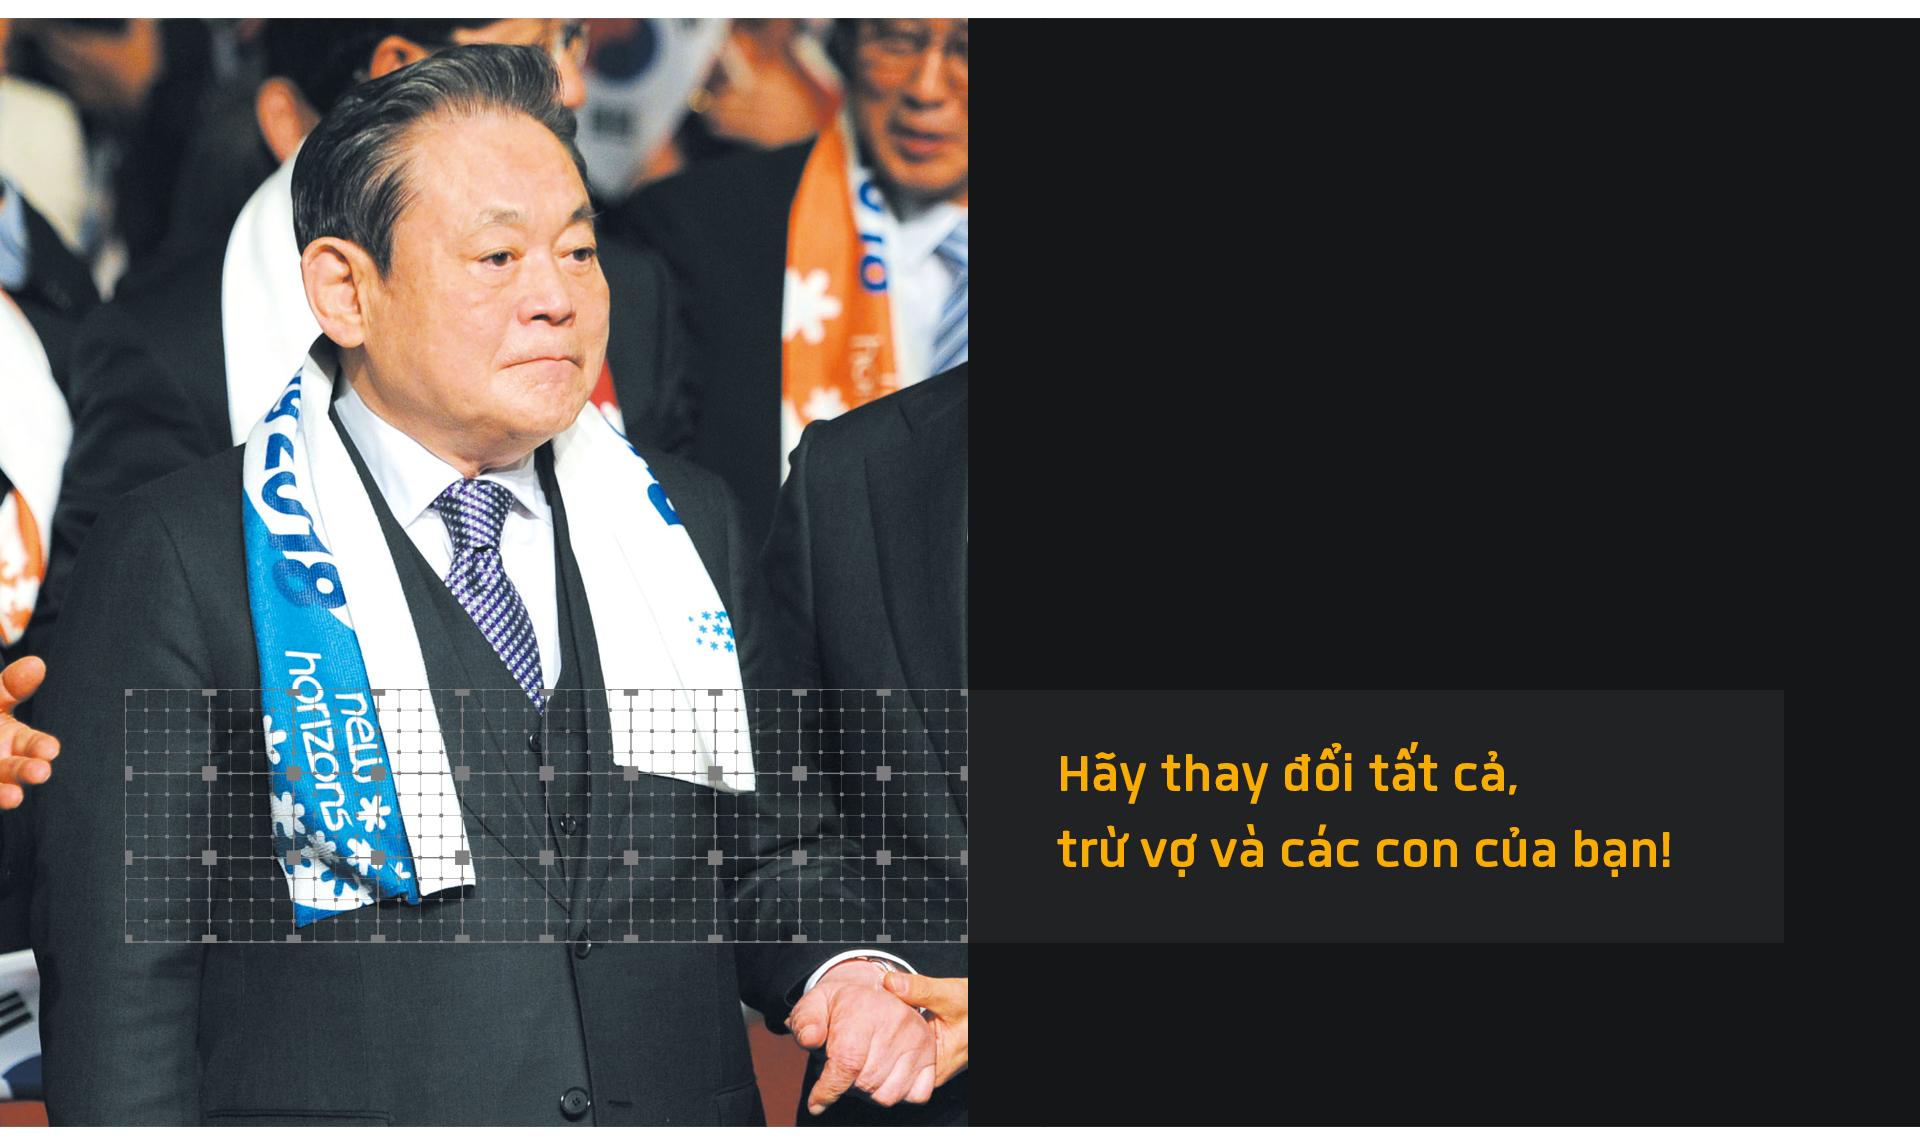 7-1502330323656 Một năm thăng trầm của Samsung: Con bạch ngựa 800.000 USD, Thái tử Lee ngồi tù và doanh thu kỷ lục